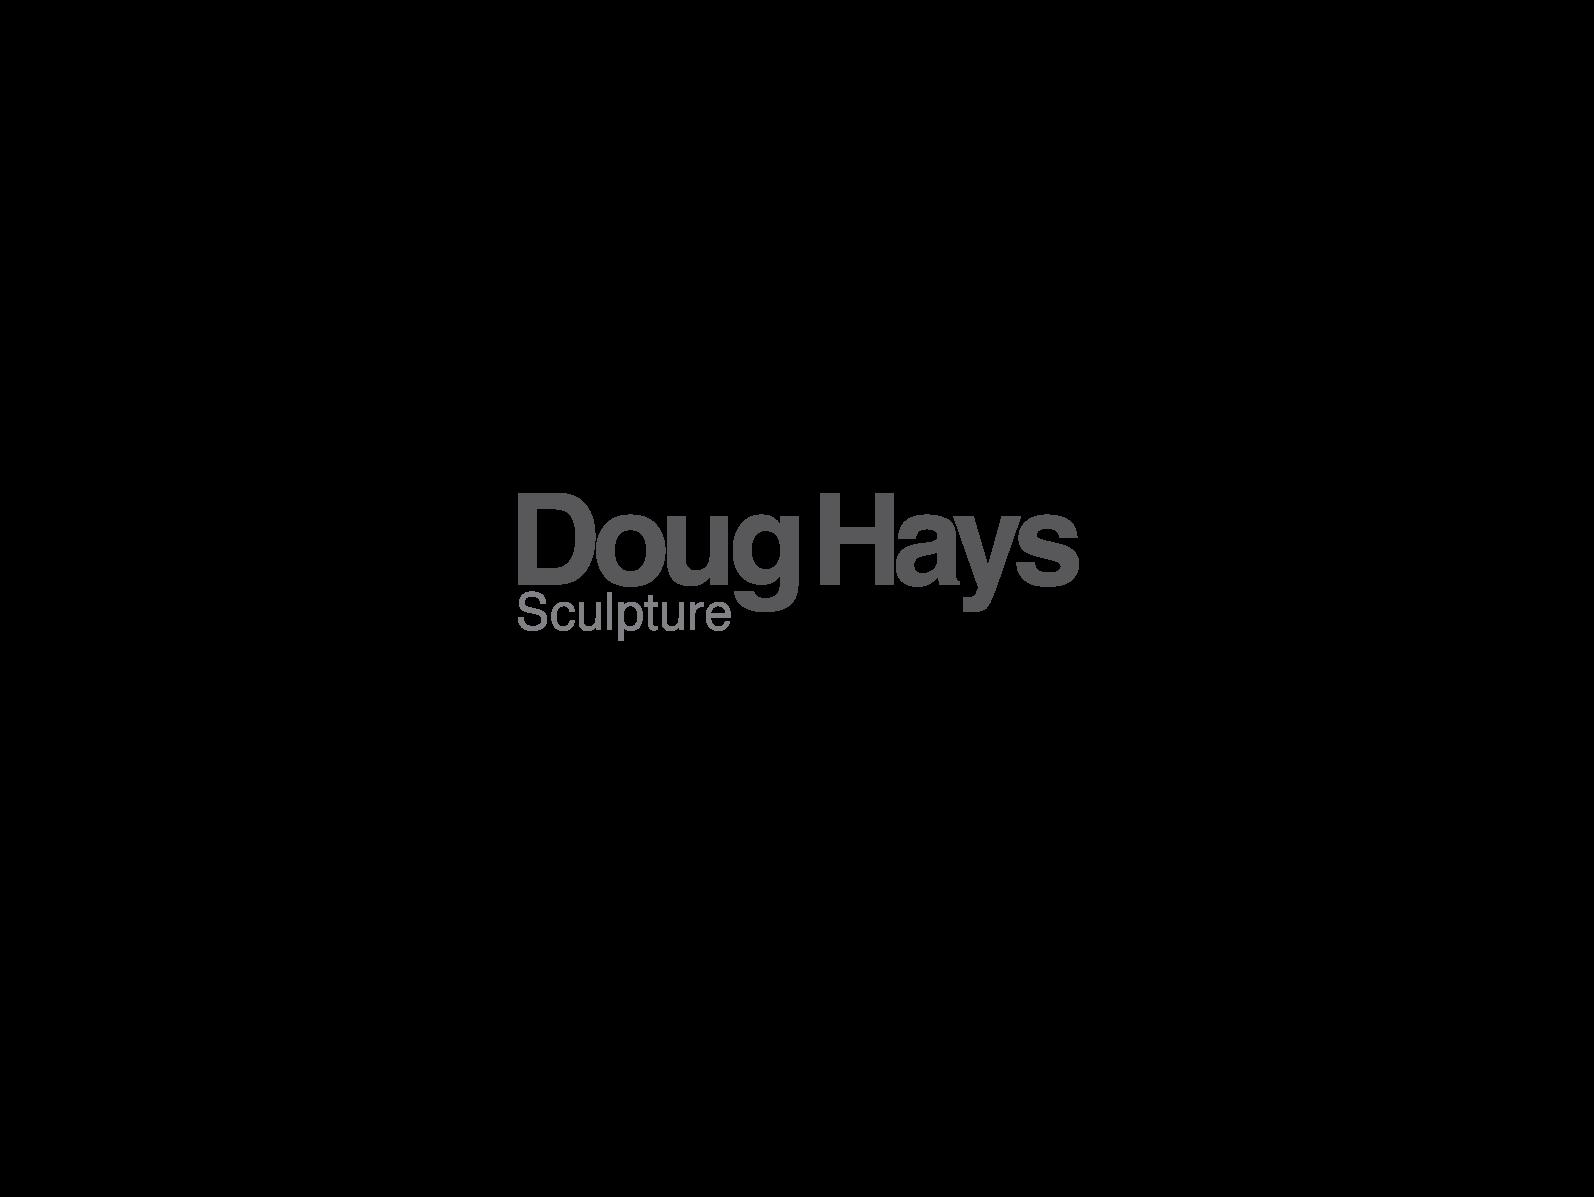 DougHays-LogoScreen-Gray1500